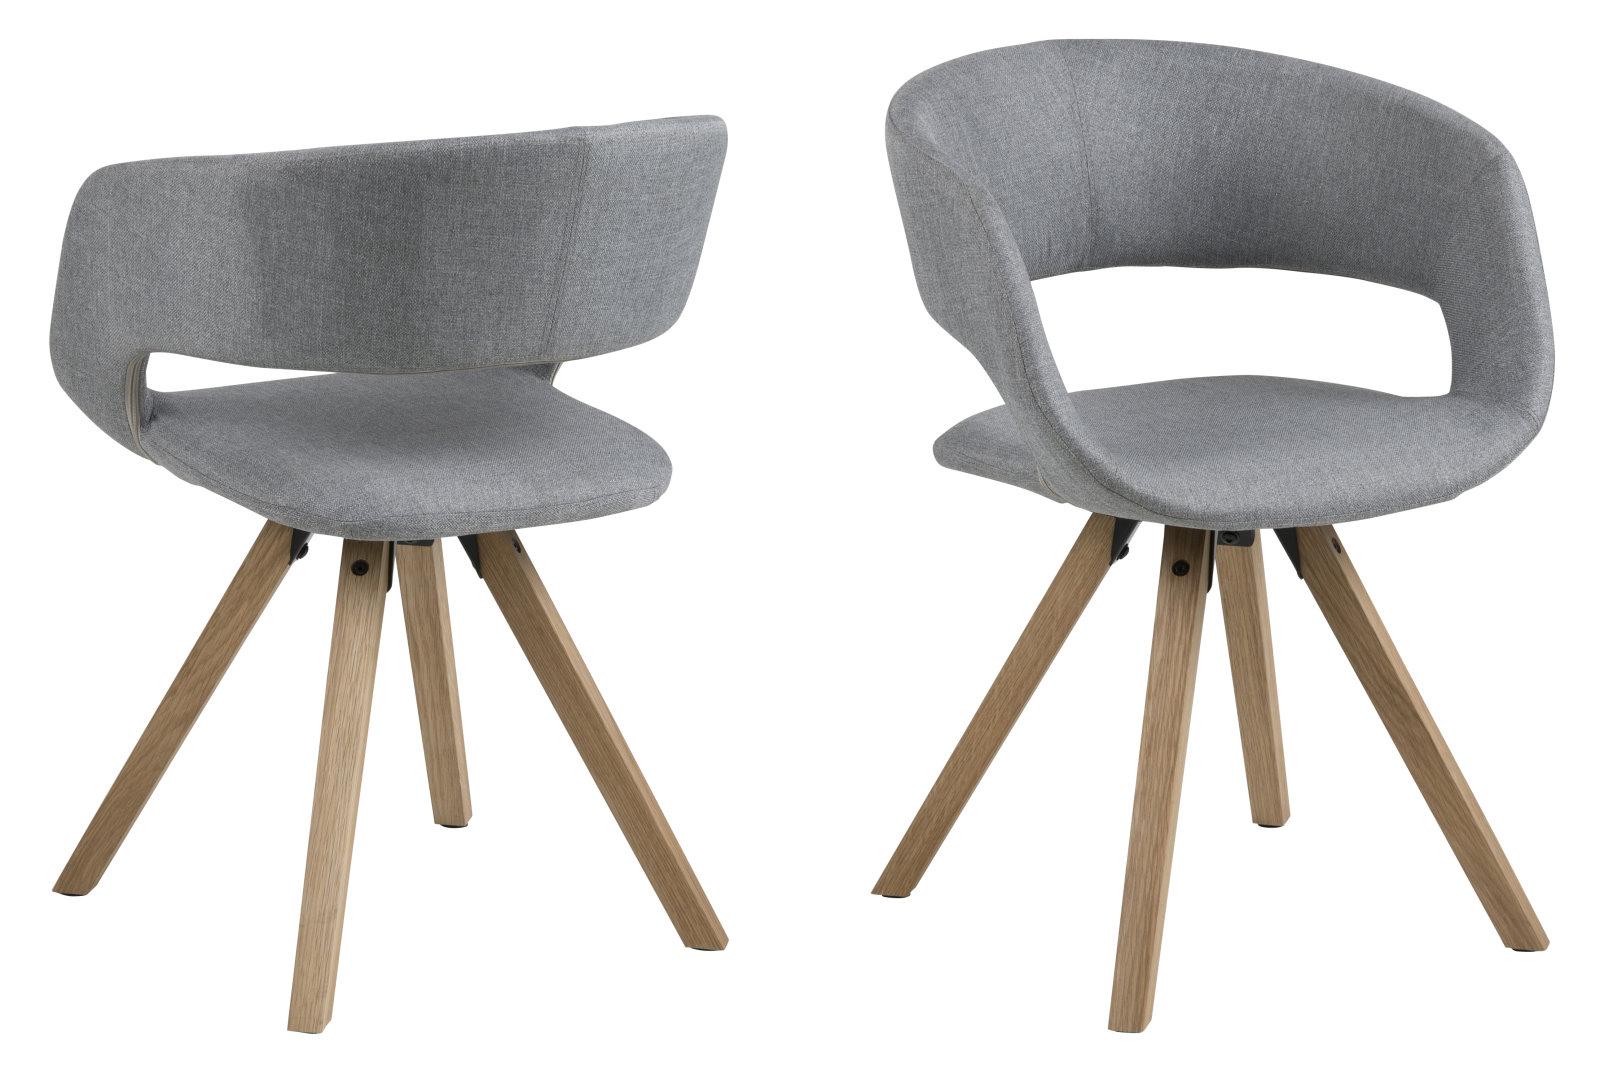 Pkline chaise de salle manger gramma en gris clair for Chaise de salle a manger gris clair